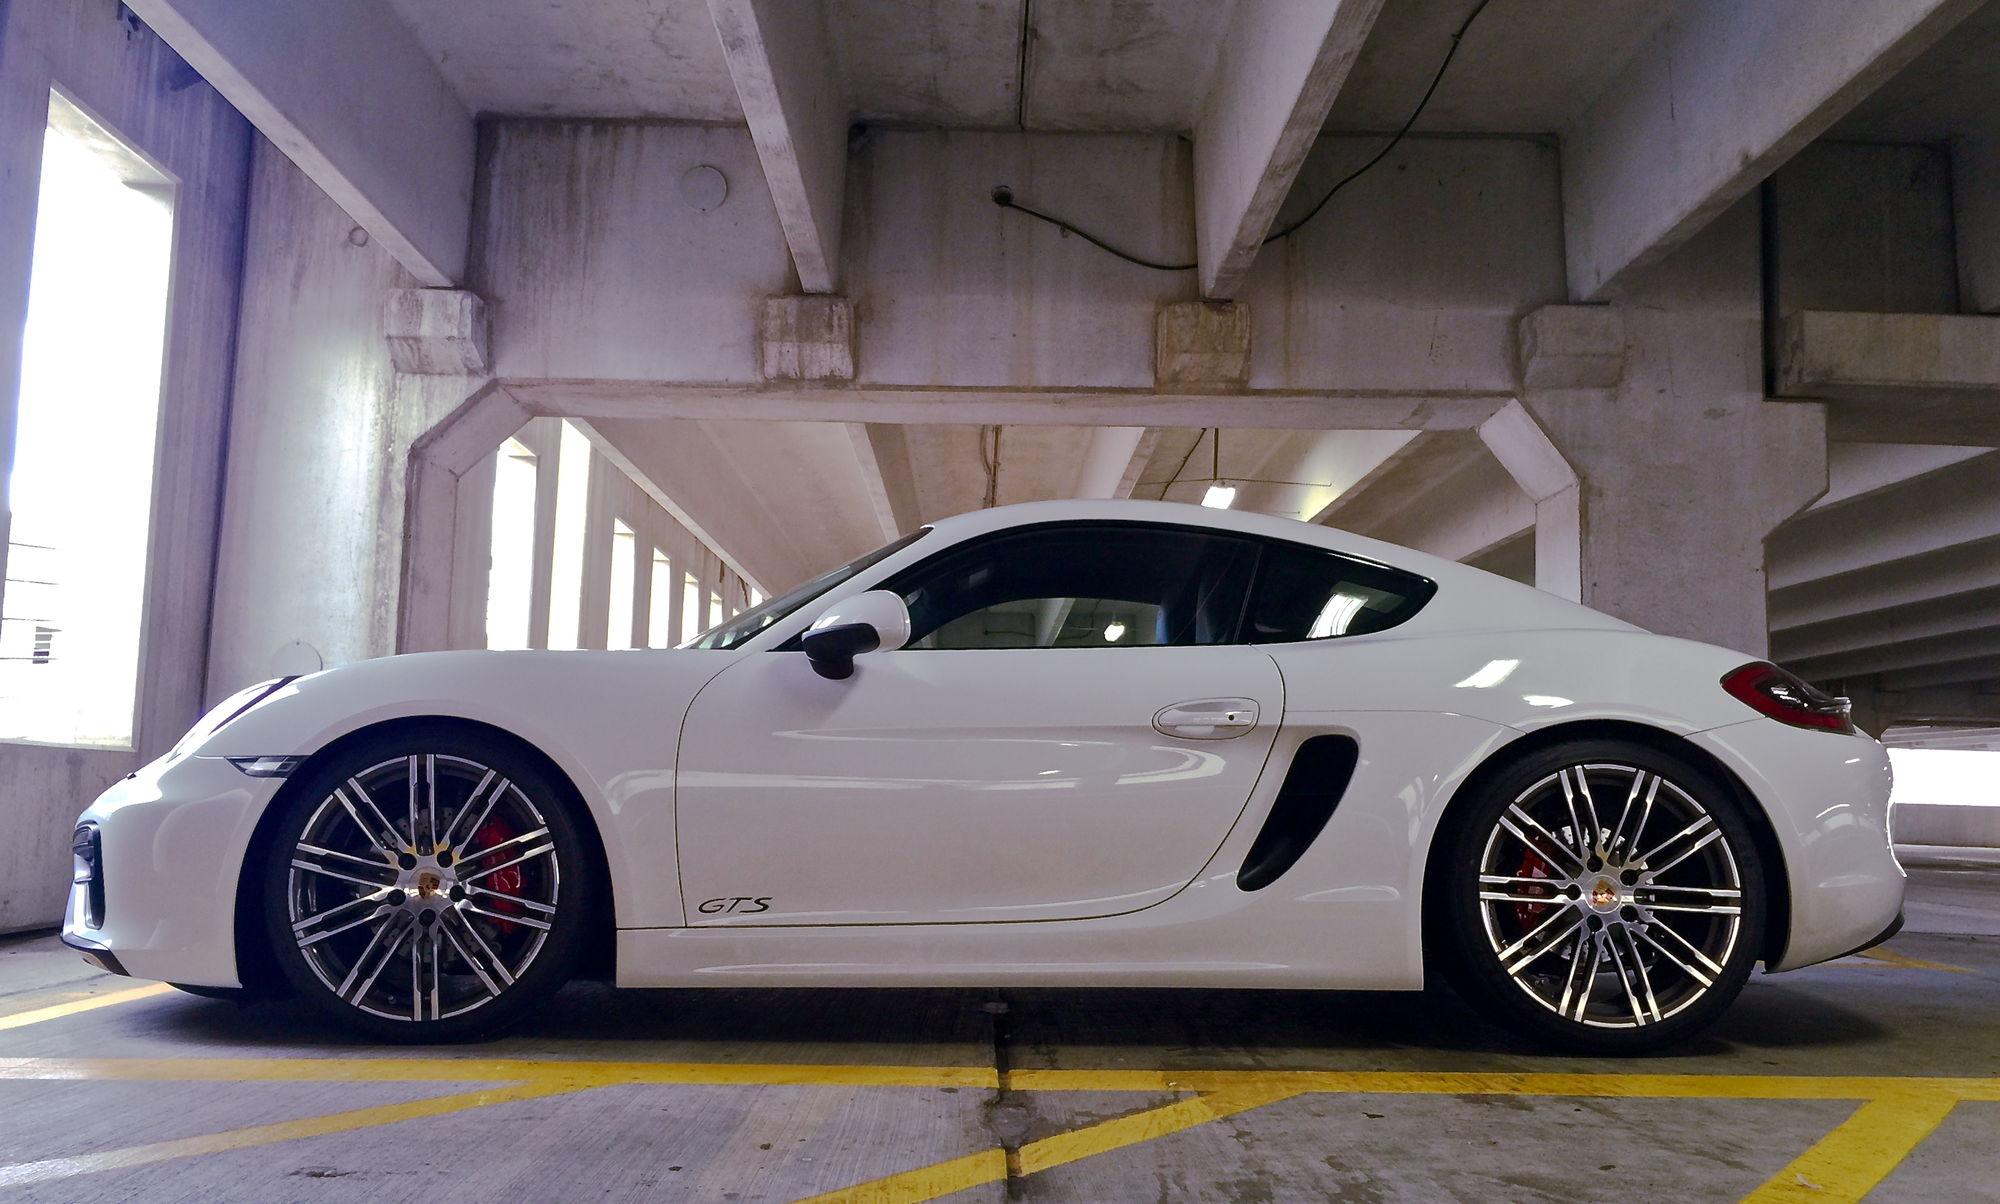 Vantage Vs Cayman 6SpeedOnline Porsche Forum And